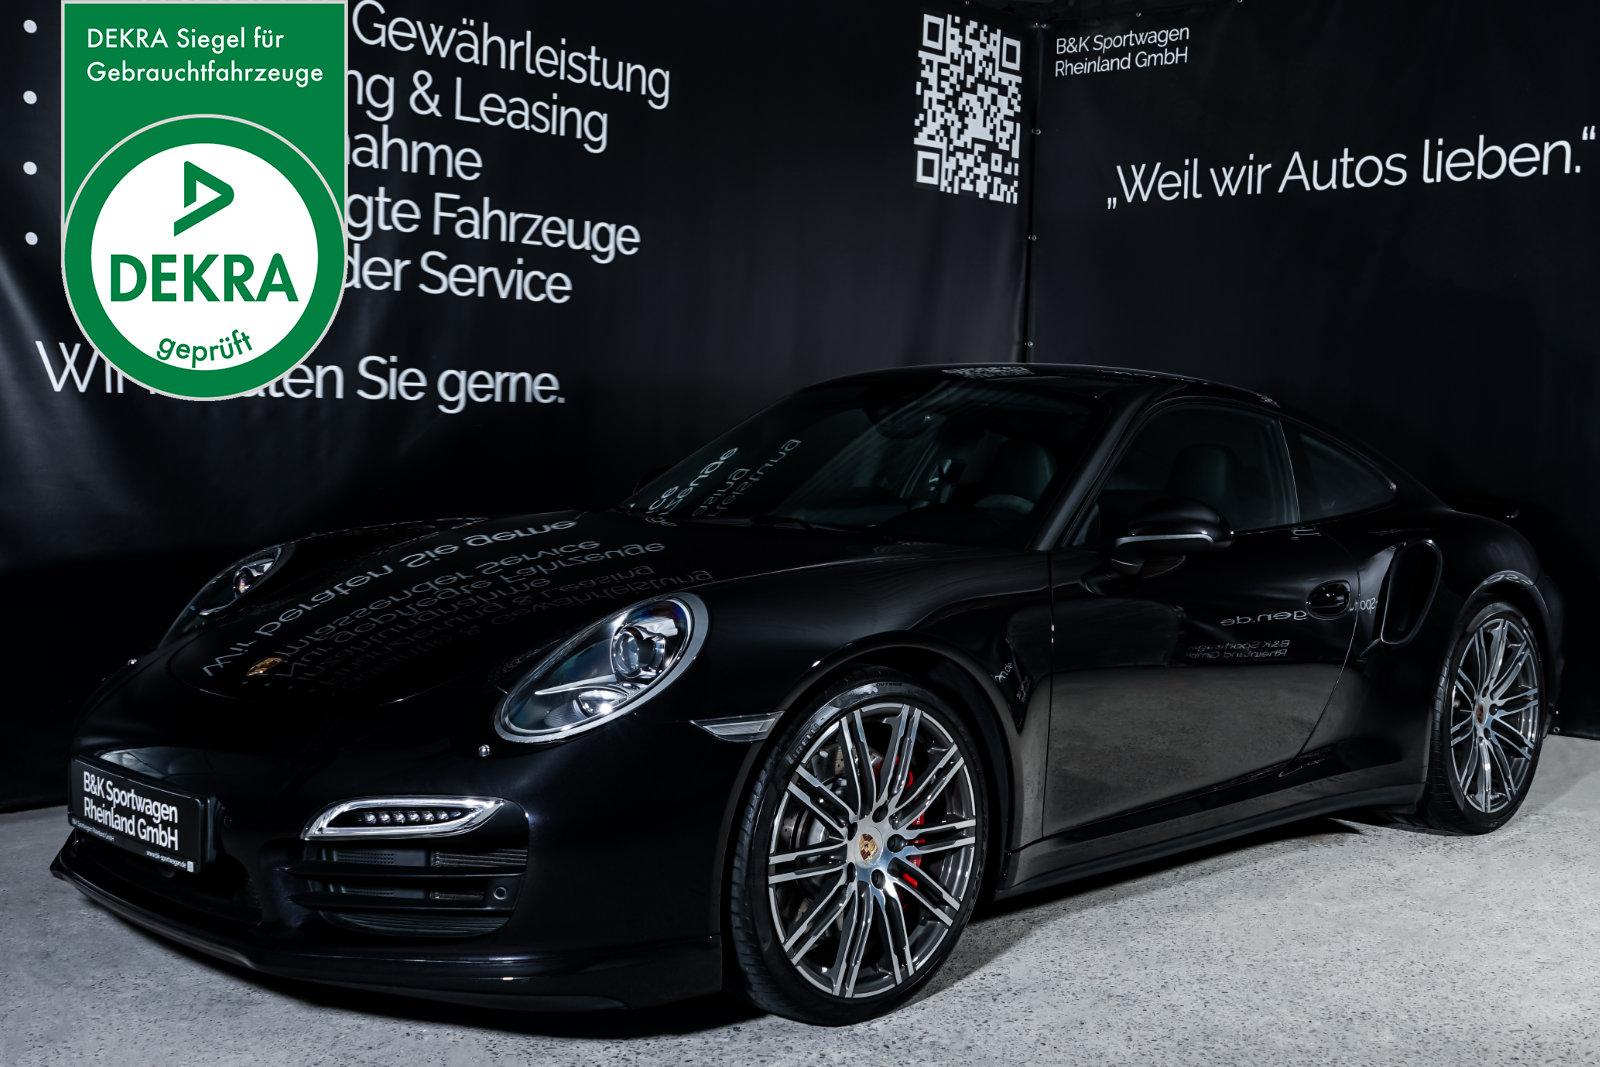 Porsche_991_Turbo_Basaltschwarz_Schwarz_POR-3141_Plakette_w